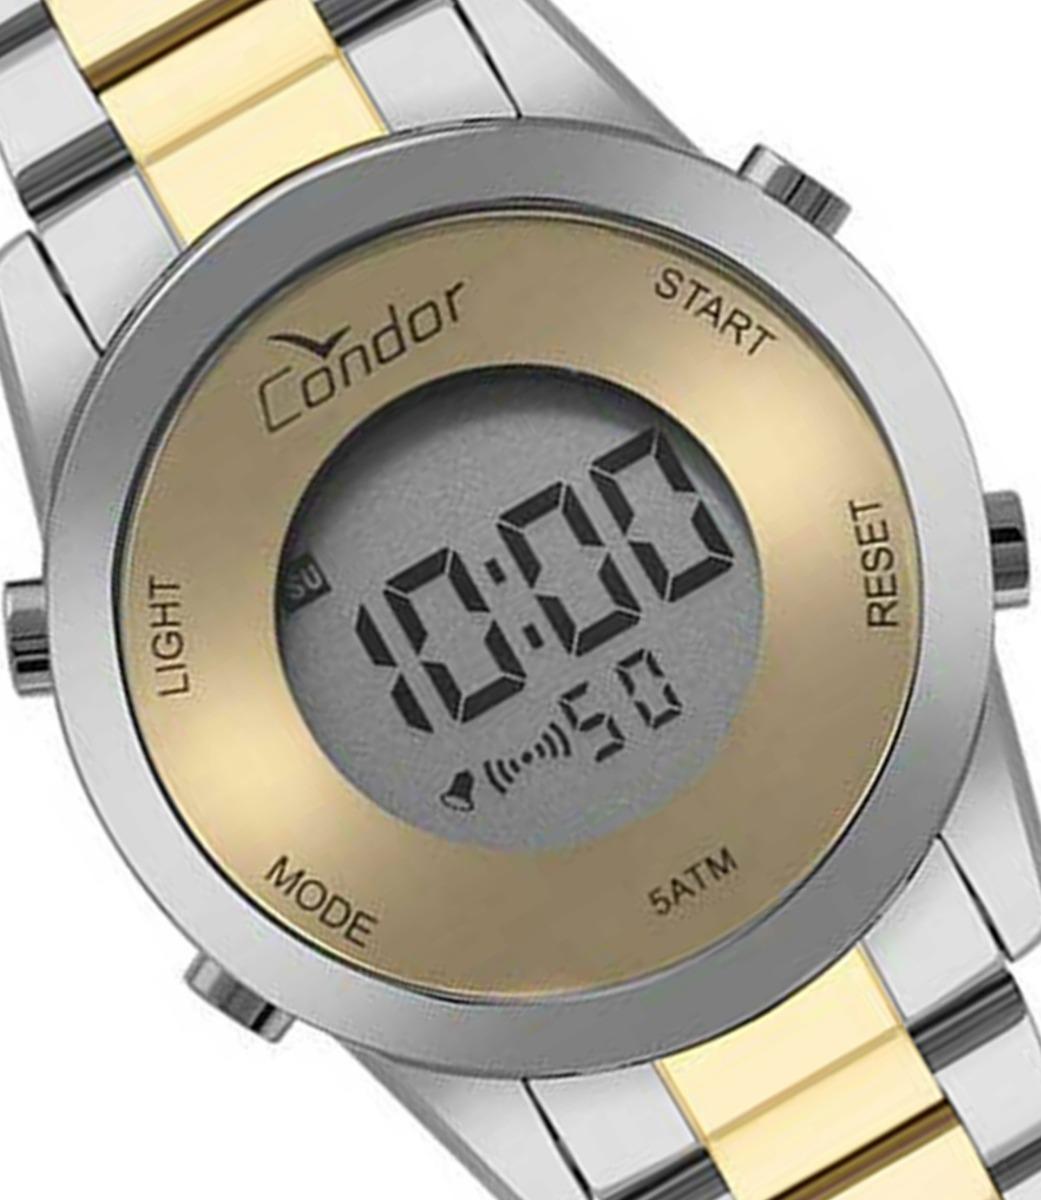 9f05d78aab4 relogio condor feminino digital dourado prata- cobj3279ac 5d. Carregando  zoom.